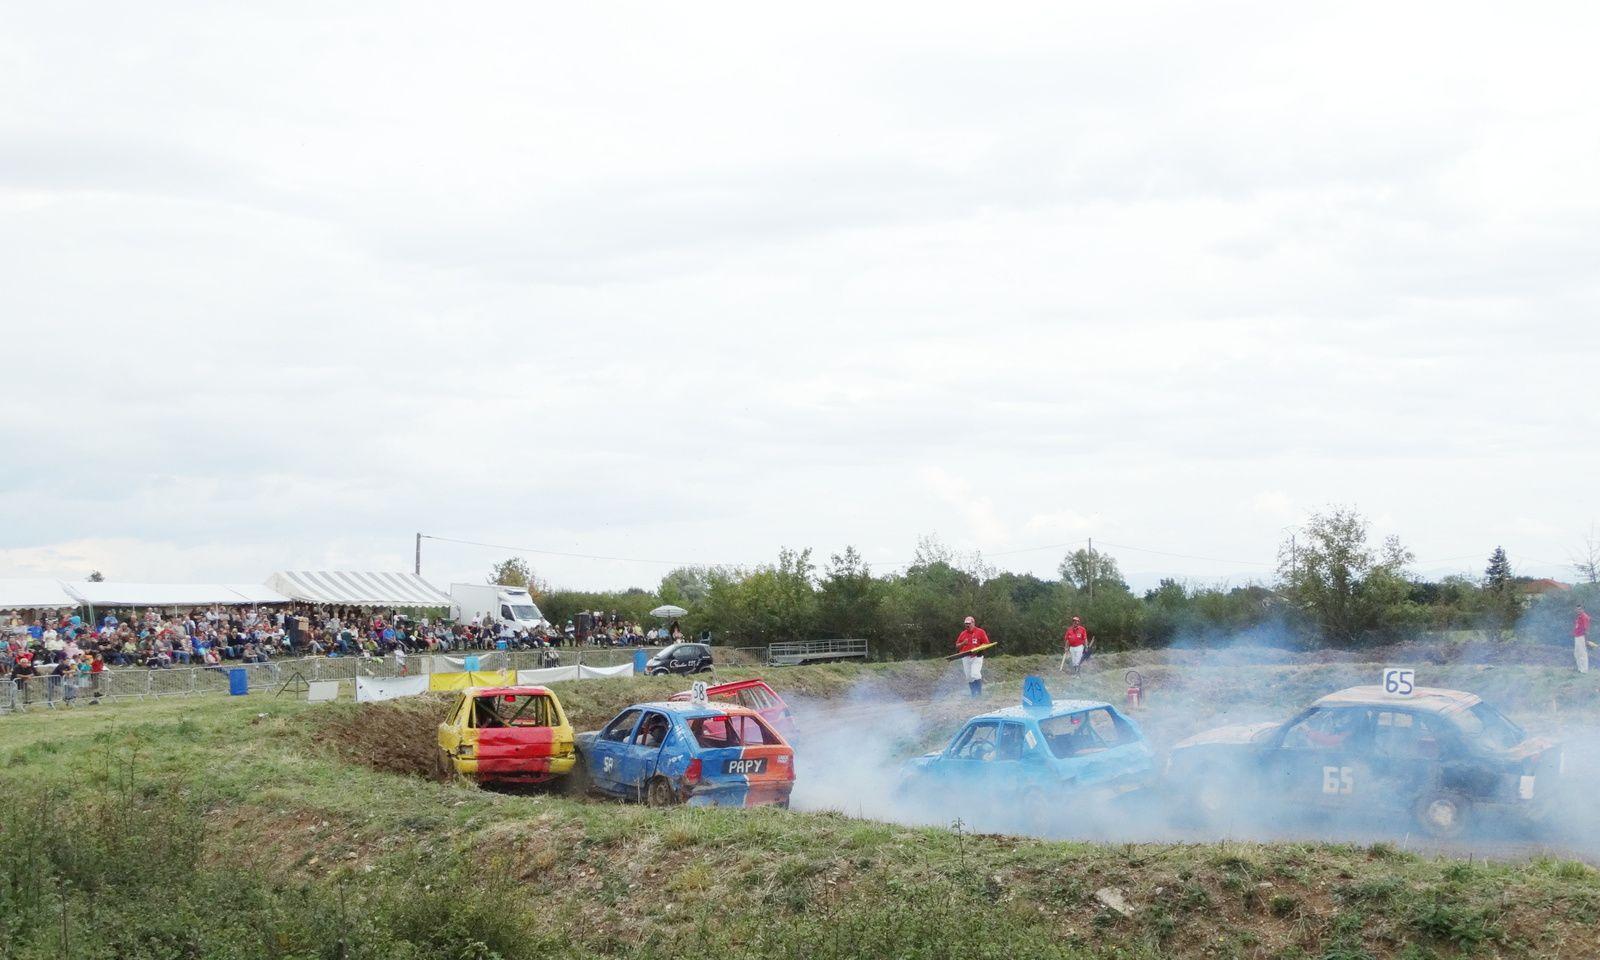 Les concurrents s'échappent dans un panache de fumée.